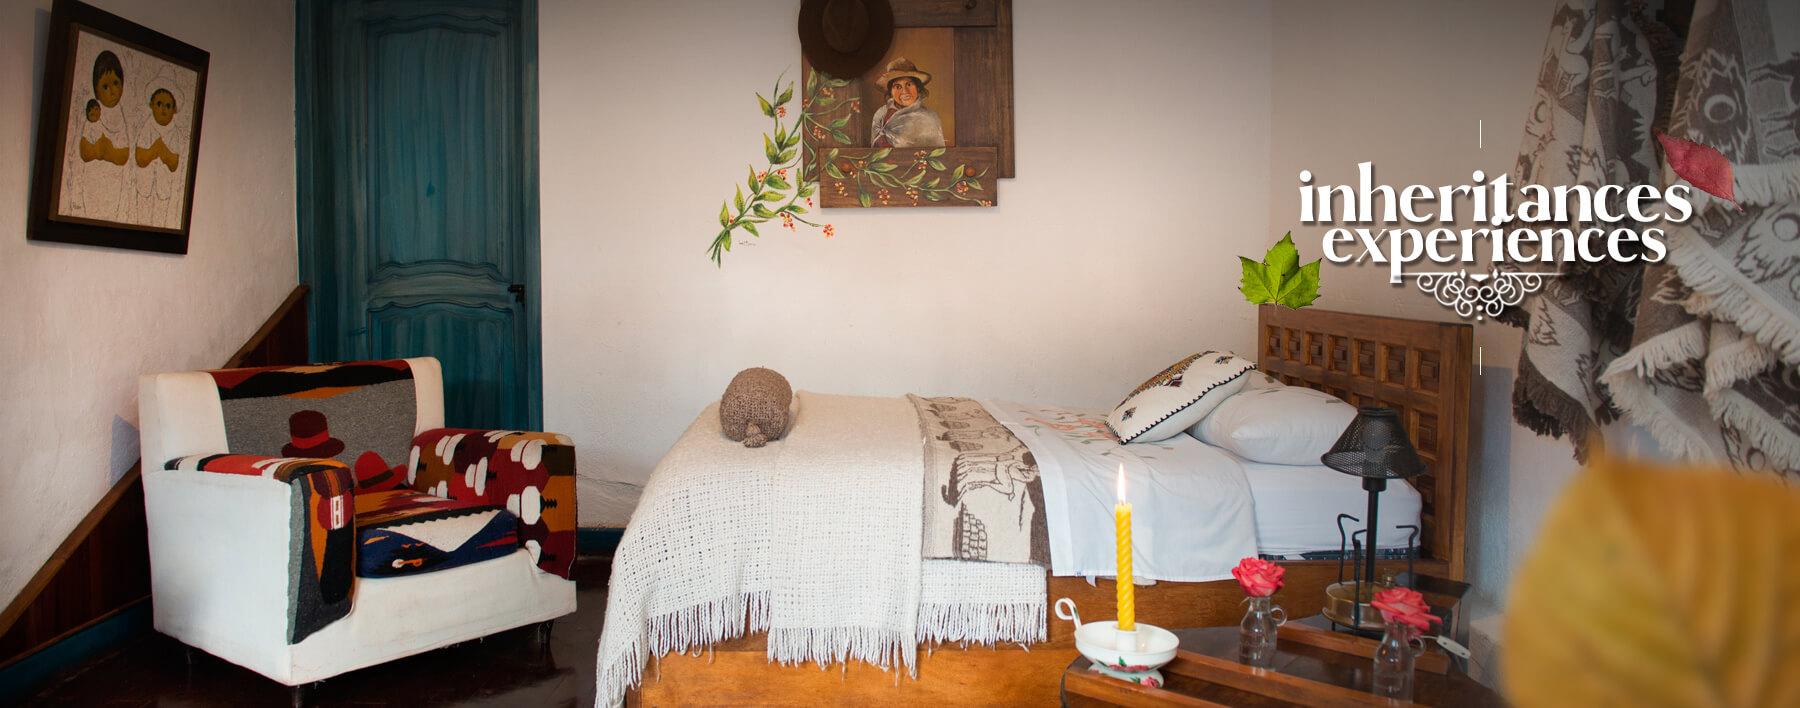 hotel-boutique-casa-de-hacienda-su-merced-habitacion-raices-banner-ingles